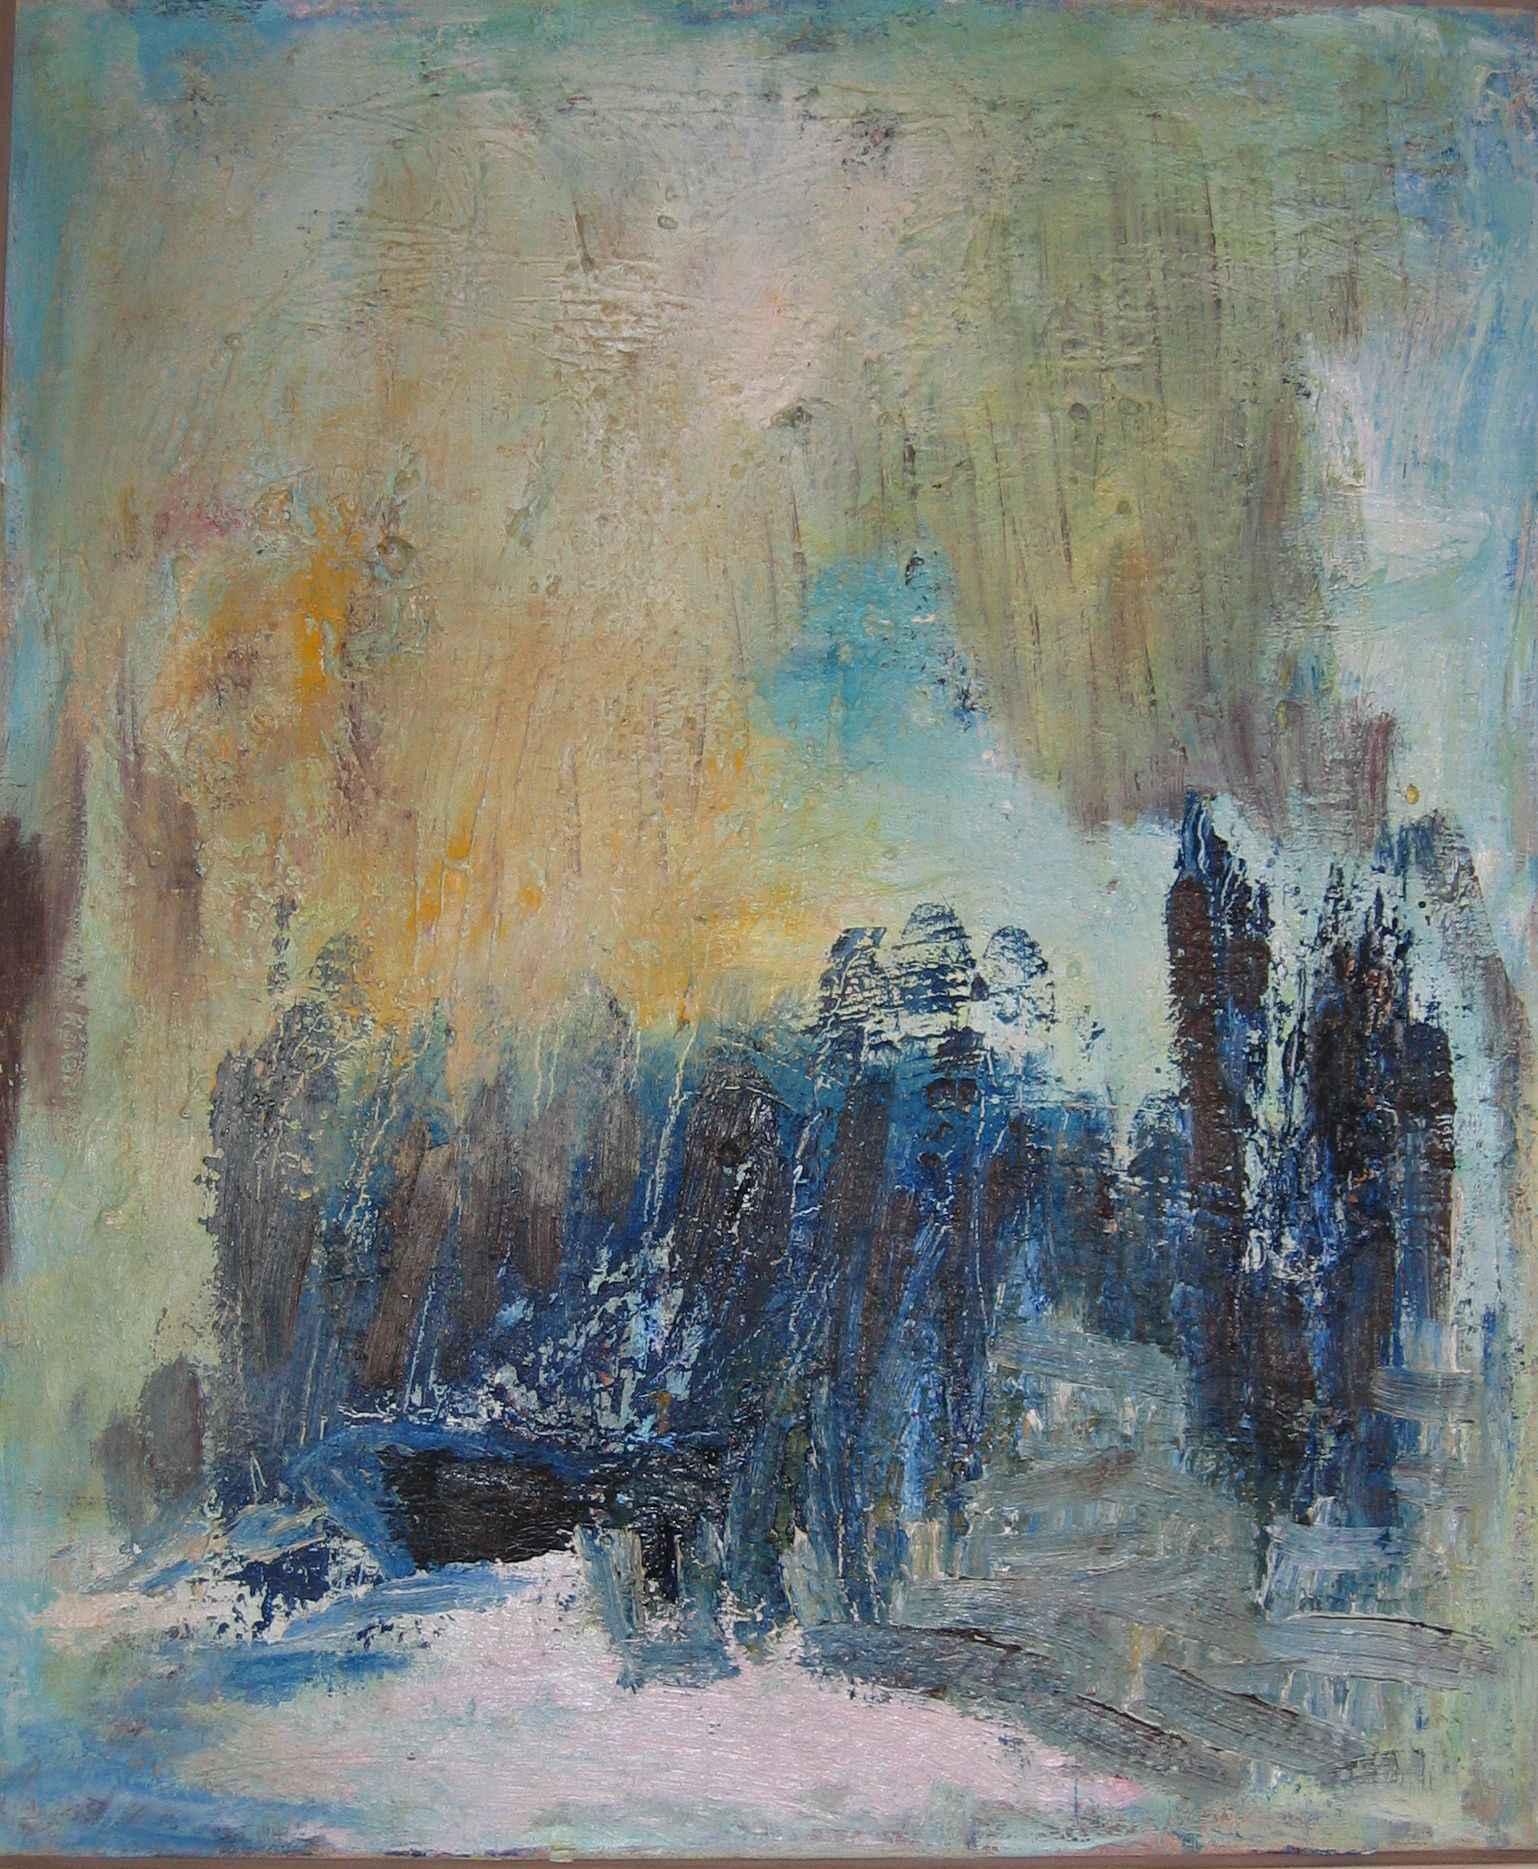 Maleri  af kunstmaler Anne Grethe Pind, nr 392 båden begraves